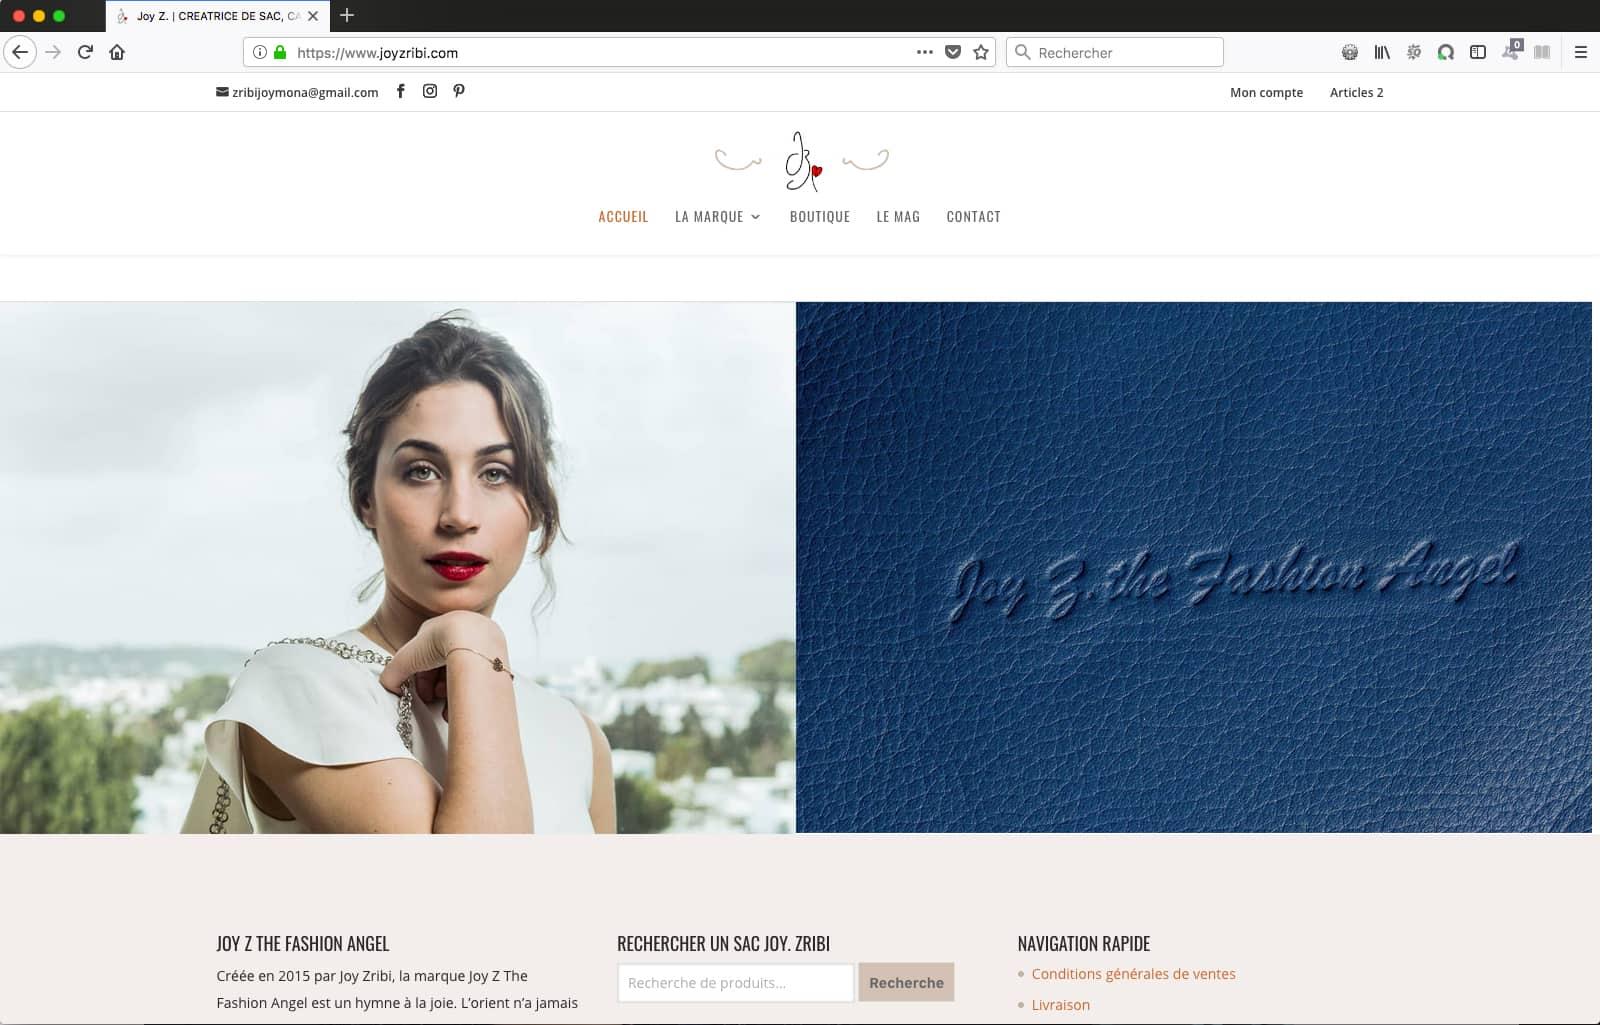 Création de site e-commerce pour Joy Zribi, créatrice de sac : page d'accueils bas.